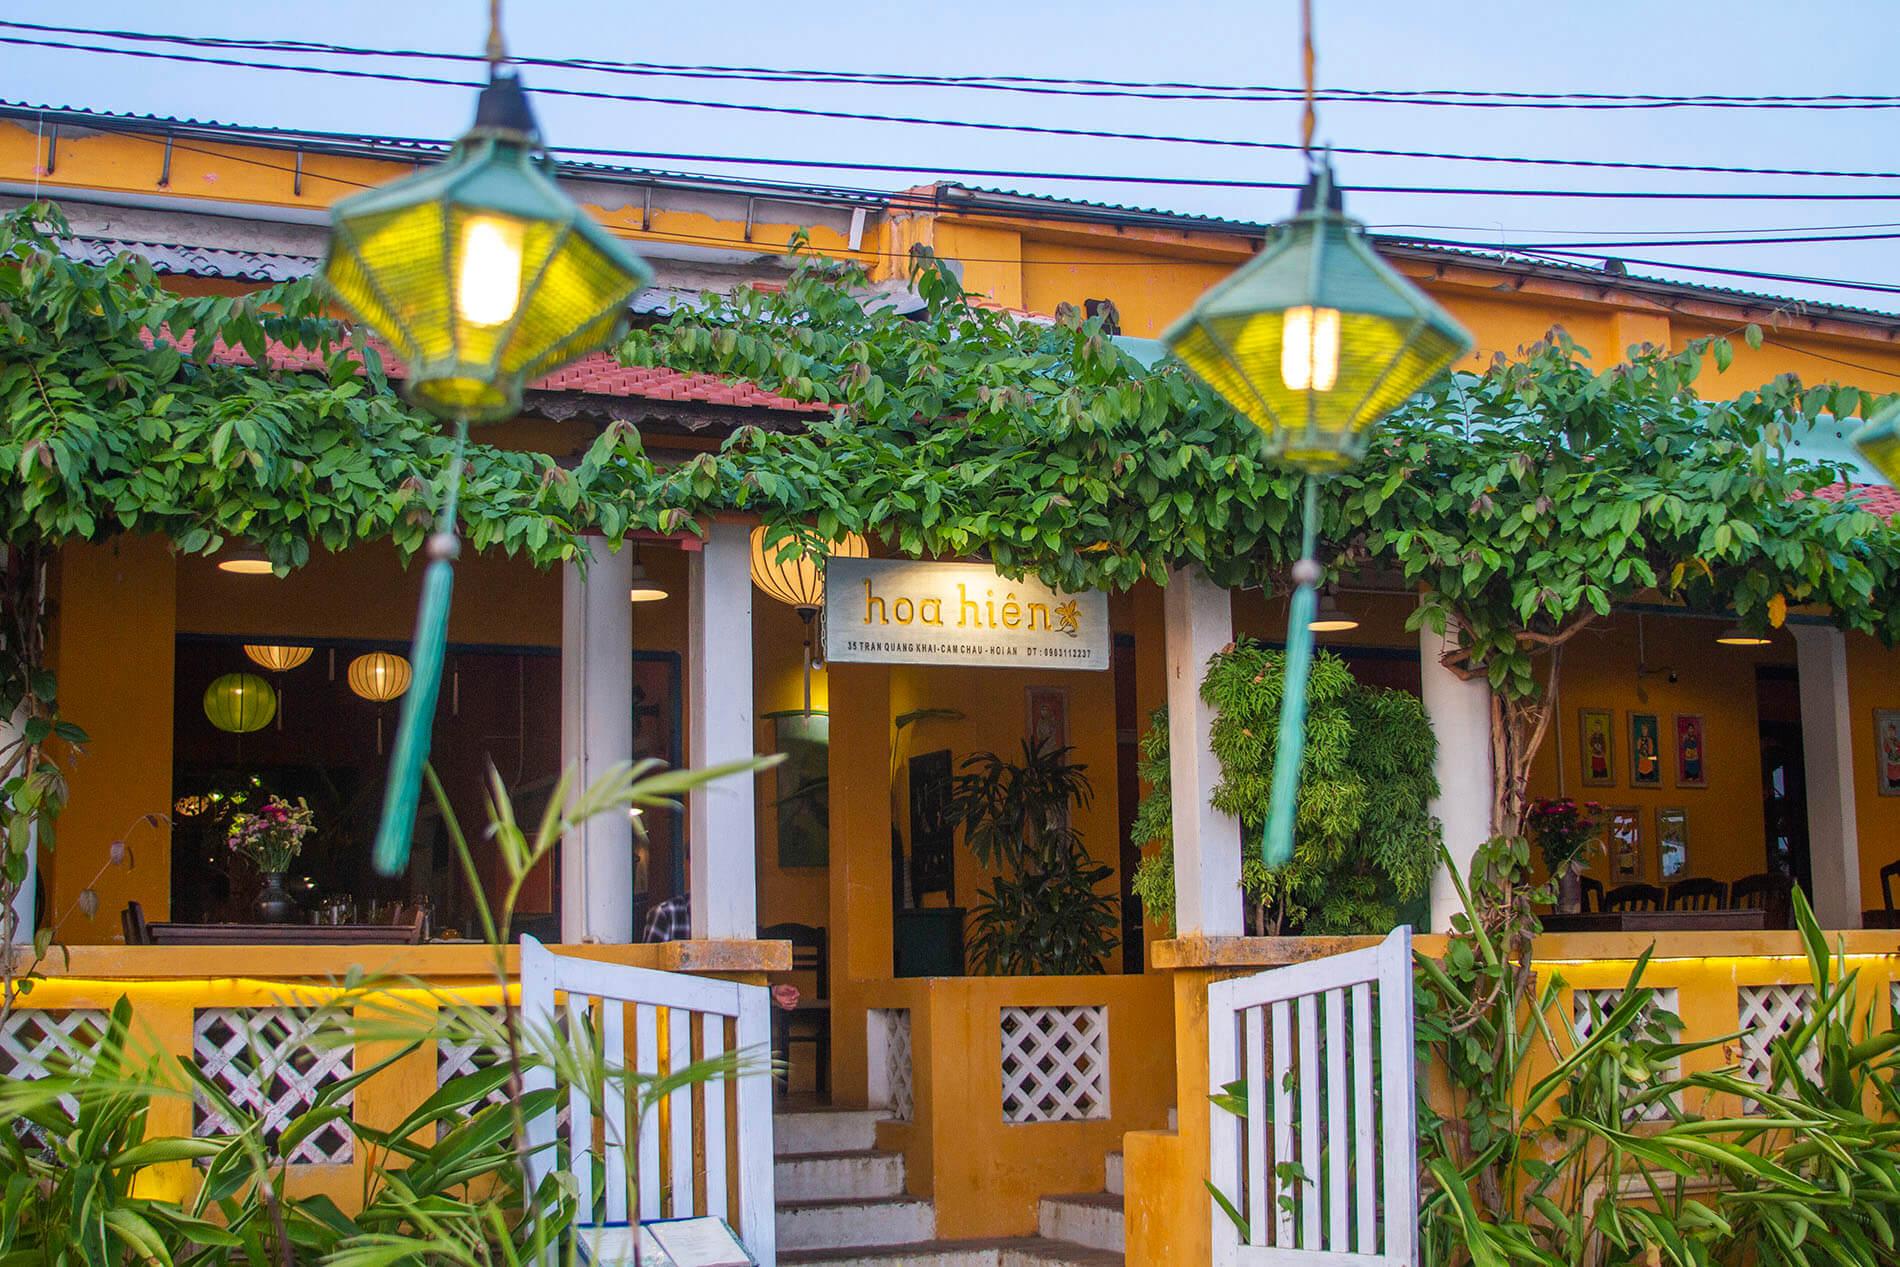 Hoa Hien is one of the best Vietnamese restaurants in Hoi An